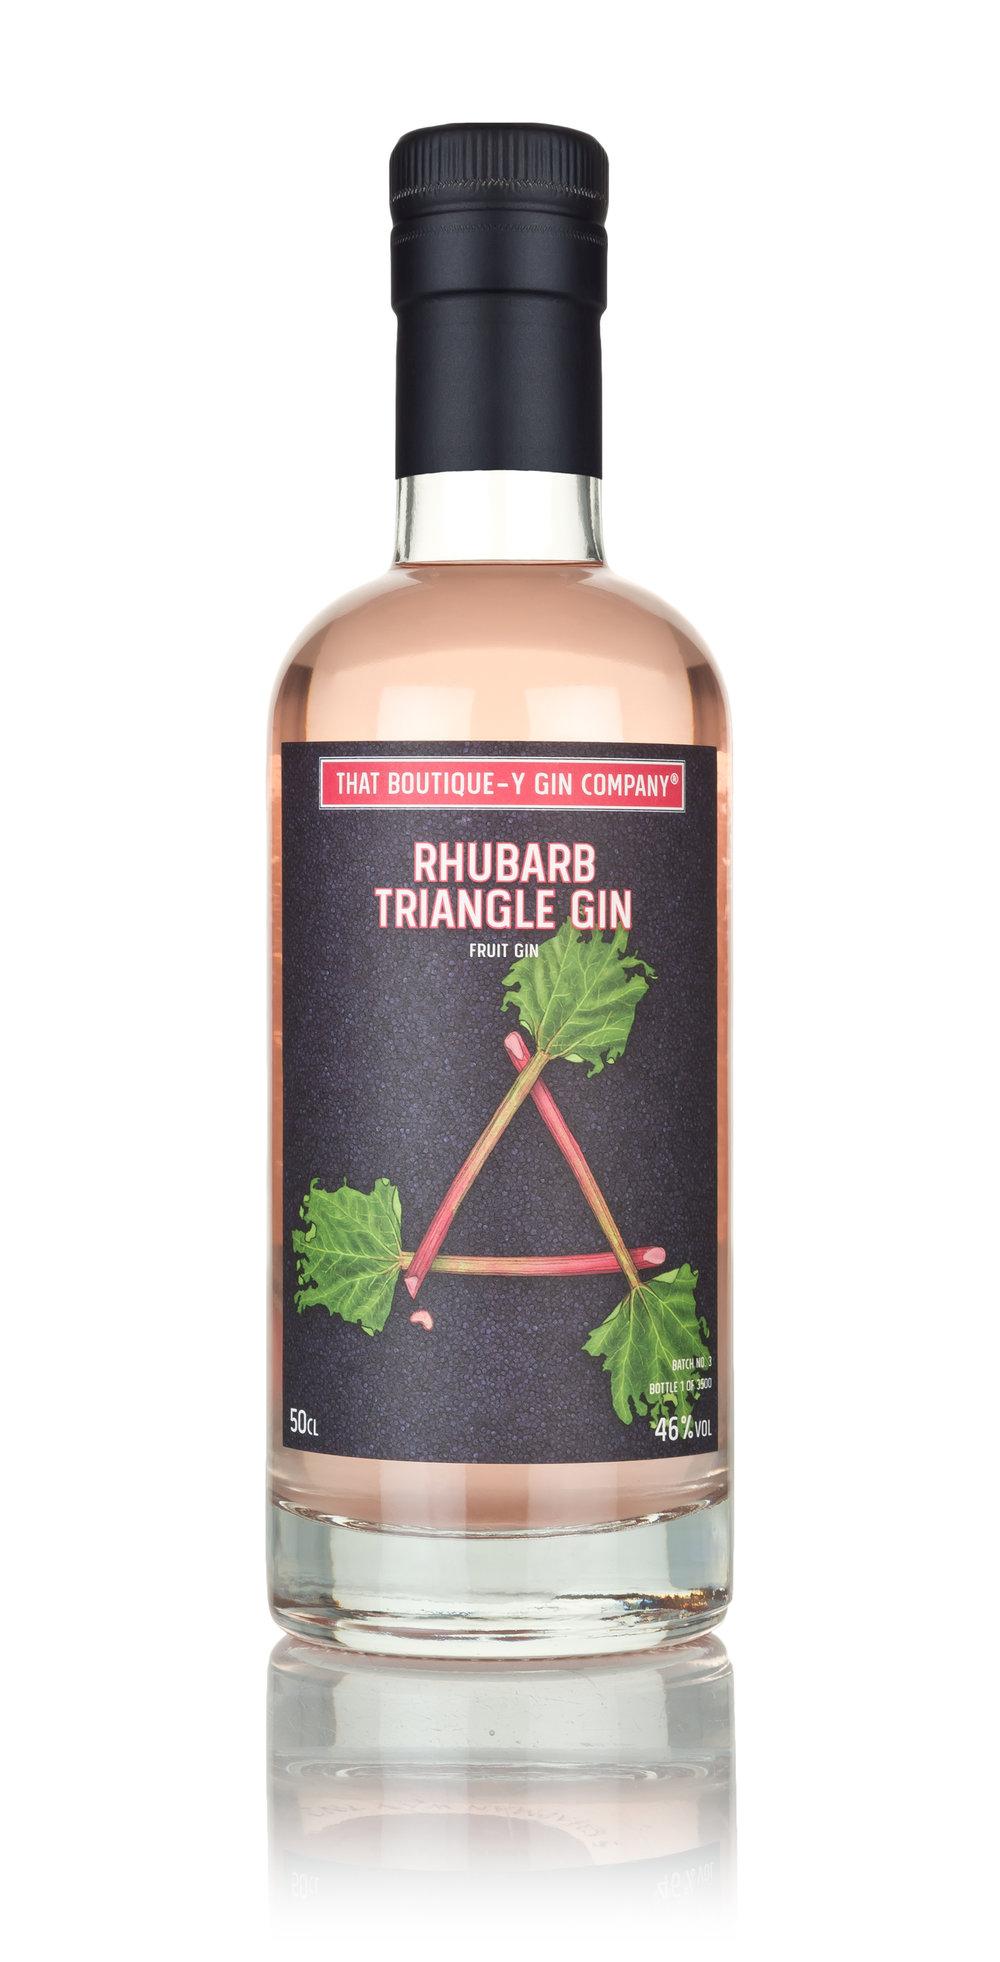 Rhubarb Triangle Gin (That Boutique-y Gin Company).jpg